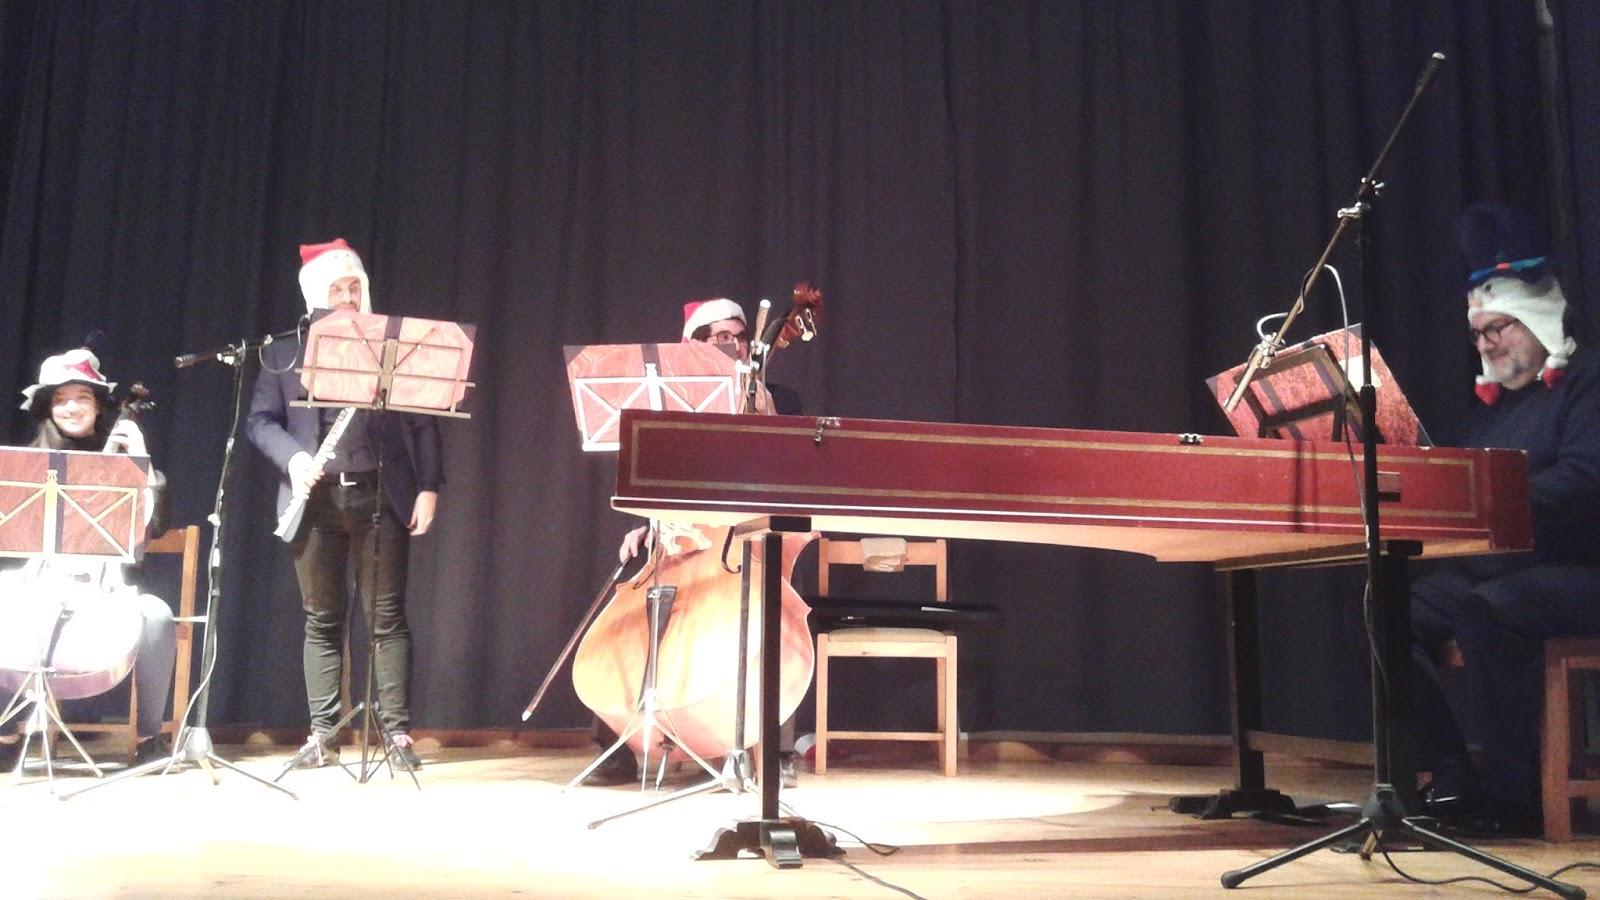 El parte municipal magn fica noche de concierto de m sica for Casa piscitelli musica clasica